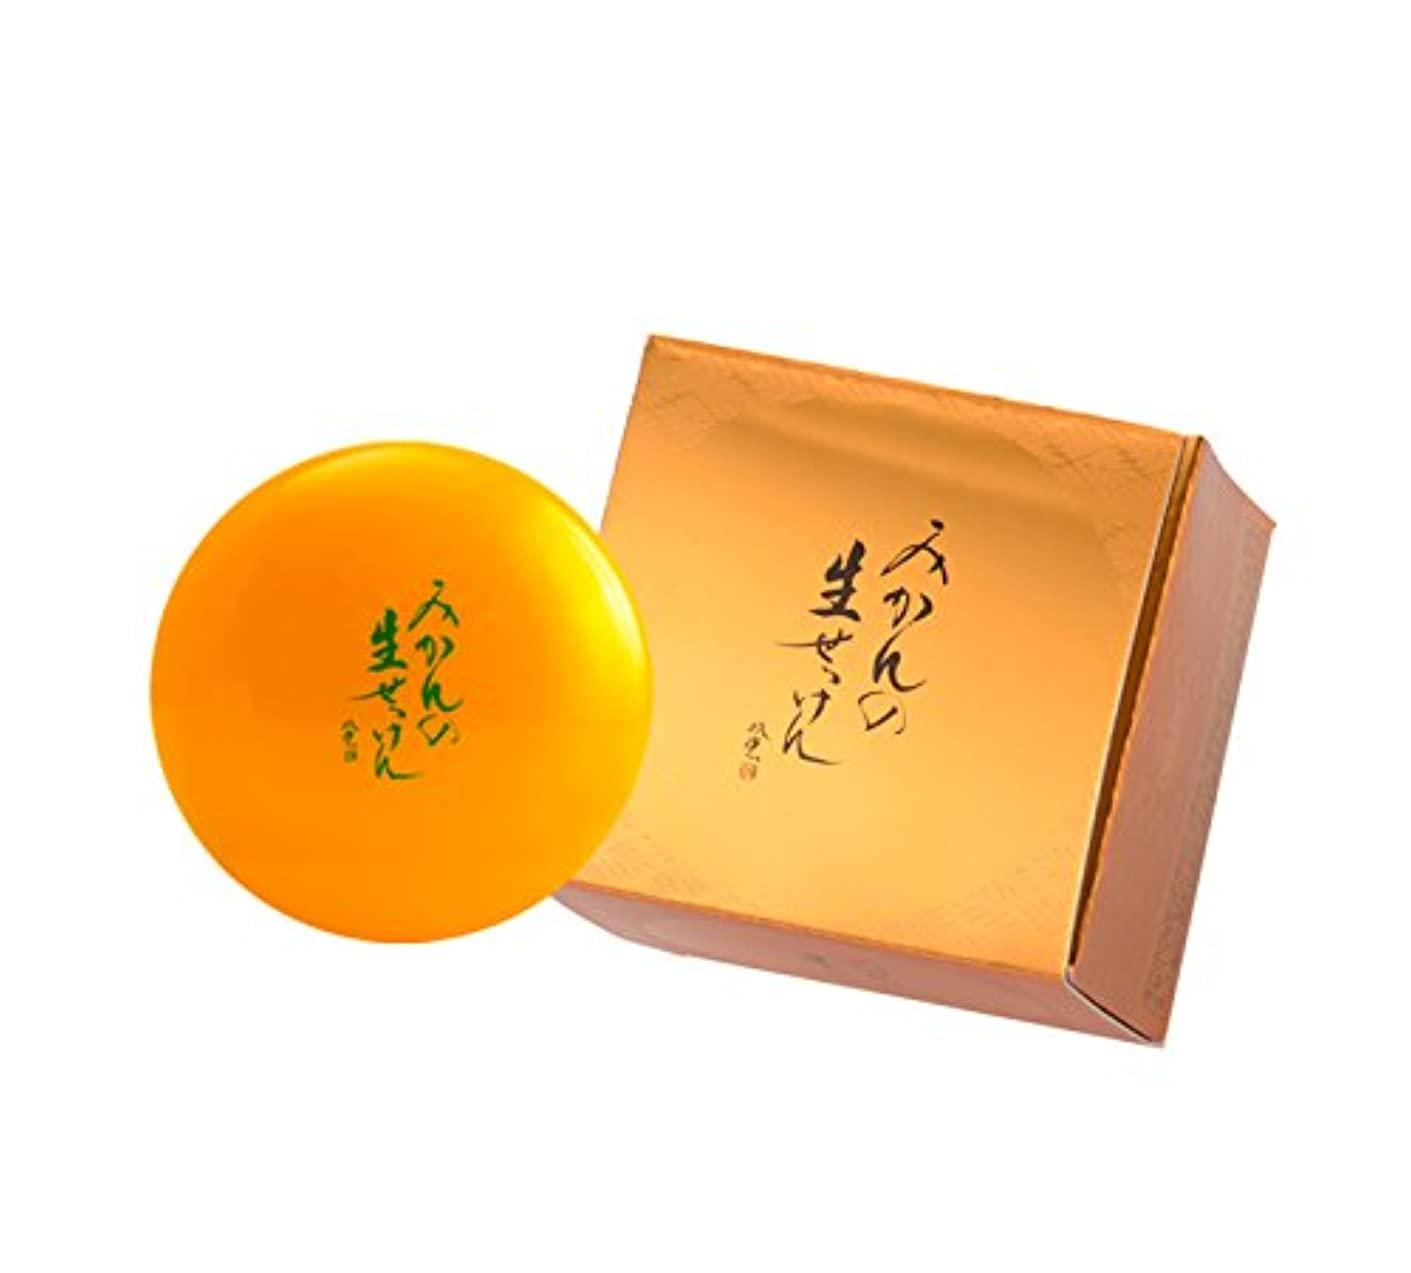 腹痛ネストメッセンジャー美香柑 みかんの生せっけん 洗顔石鹸 無添加 スパチュラ?泡立てネット付 大容量 ジャータイプ 120g